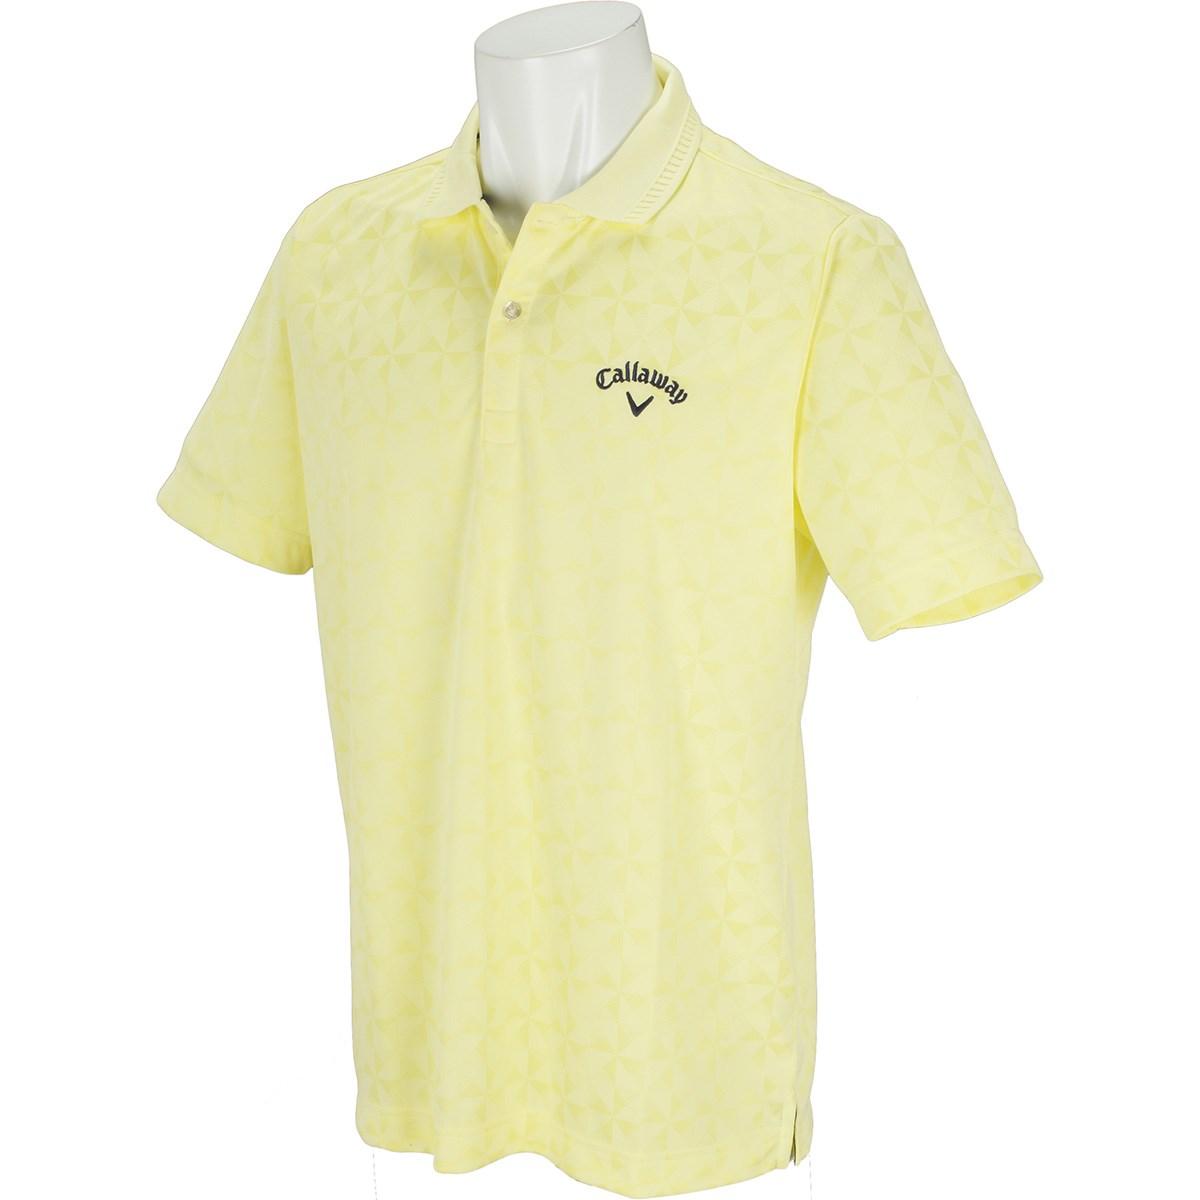 キャロウェイゴルフ(Callaway Golf) 折り紙 ジャカード 半袖ポロシャツ